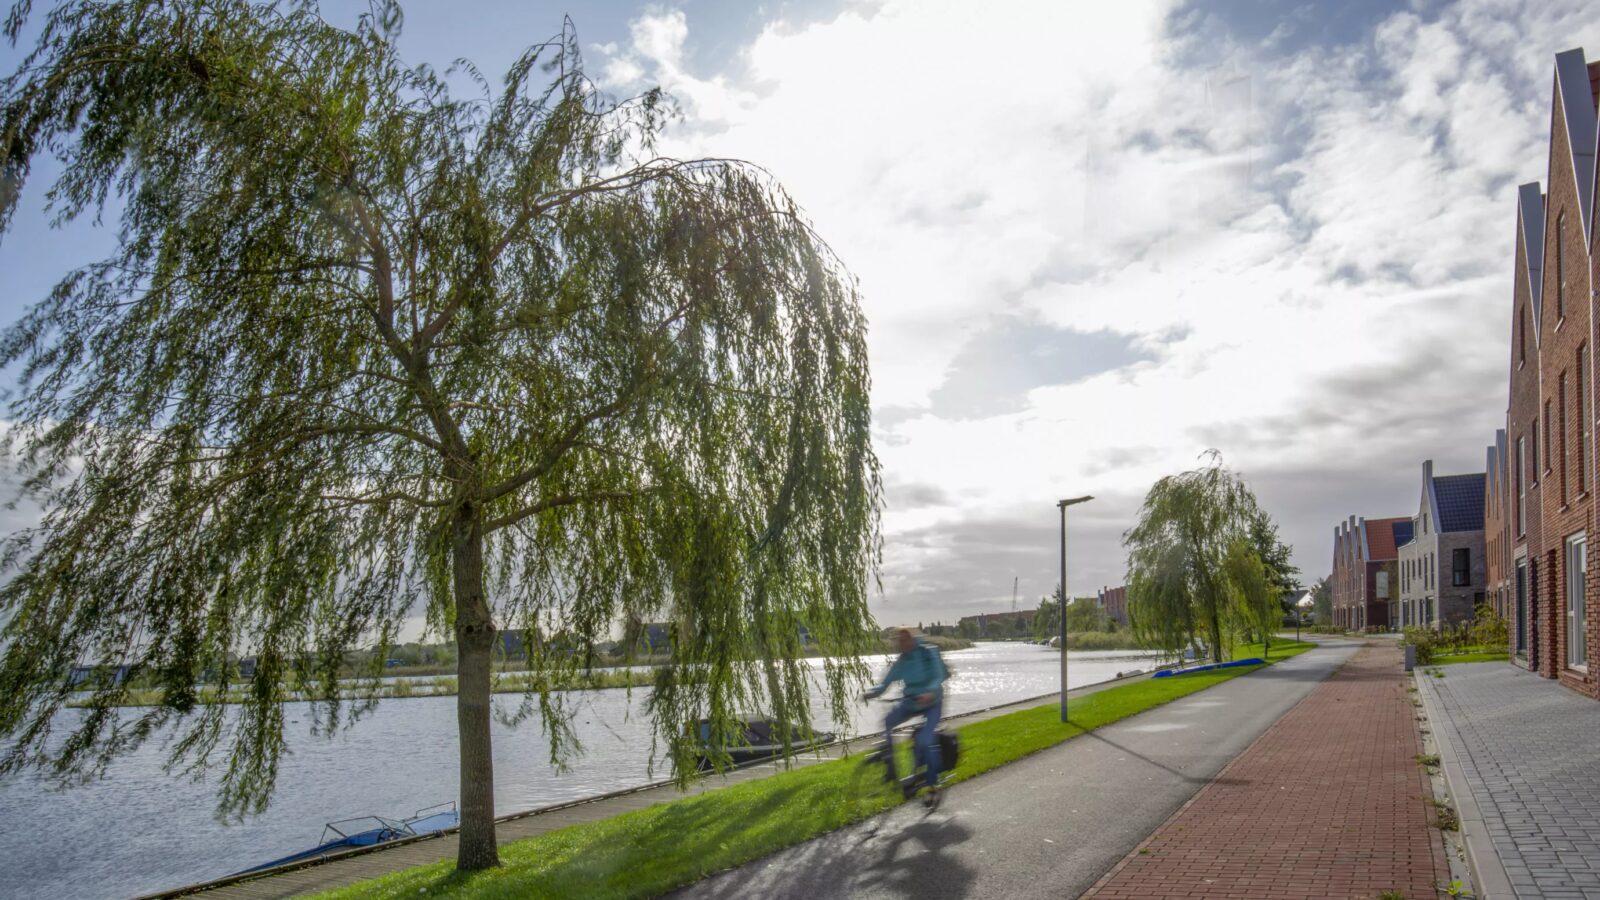 GEANNULEERD: Ontdek Meerstad al fietsend met stadjers, meerstadjers en Bureau Meerstad